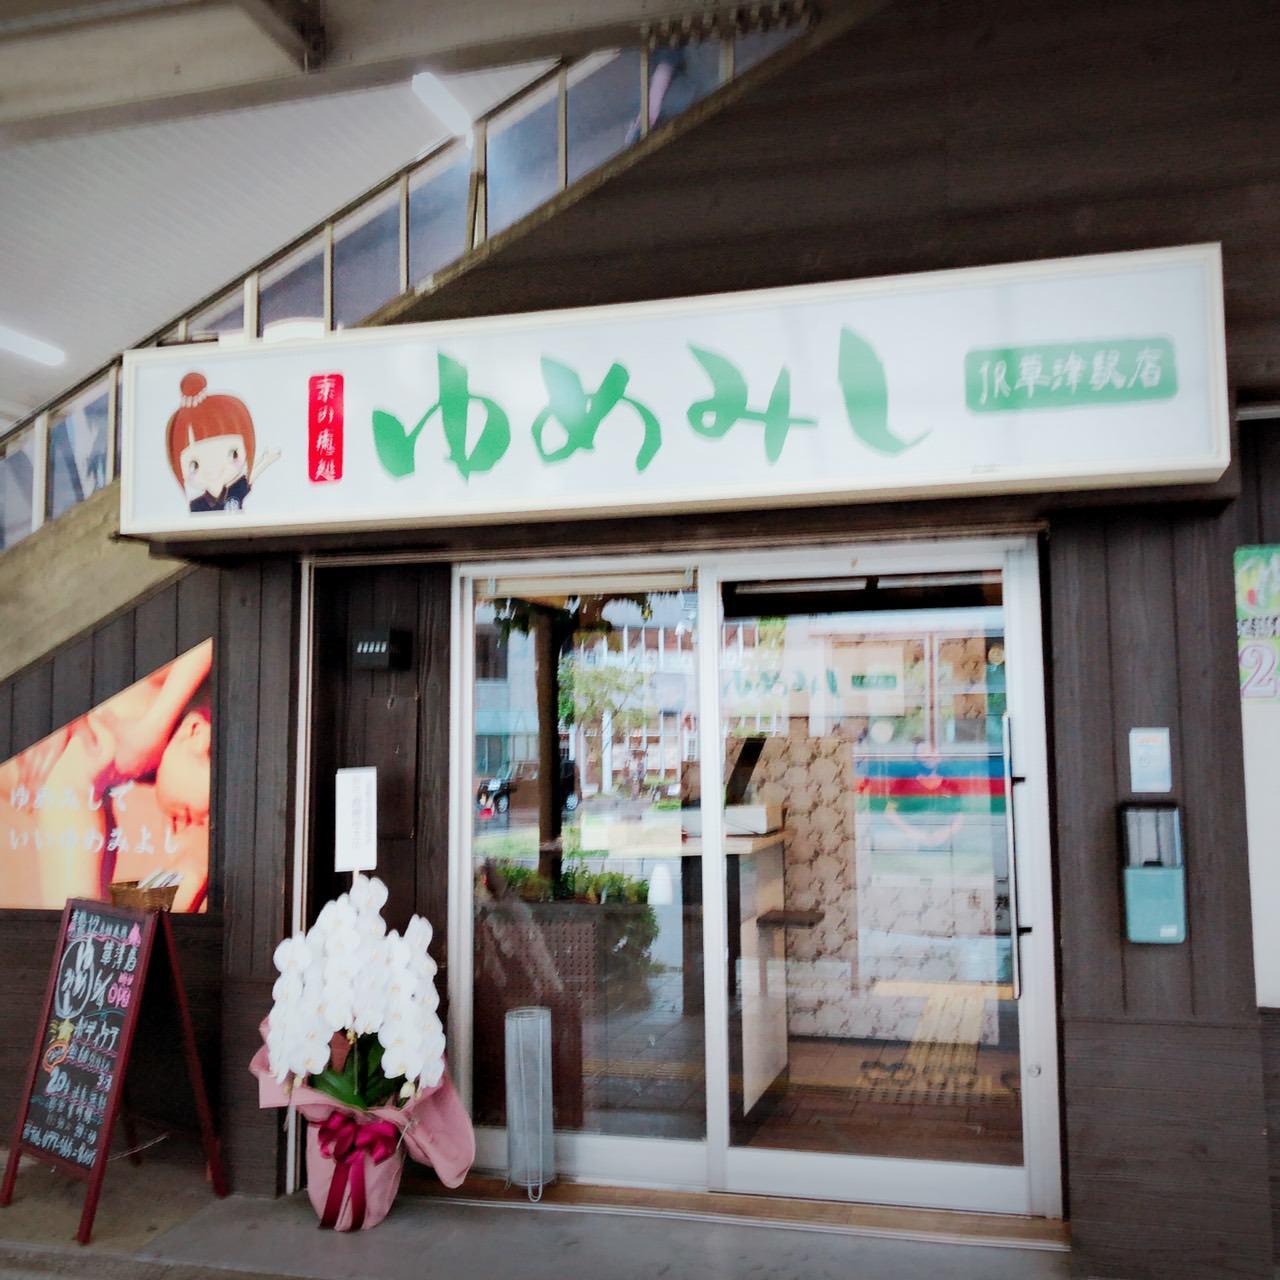 6月4日 ゆめみしJR草津駅店 OPEN 駅から徒歩10秒!西口階段下